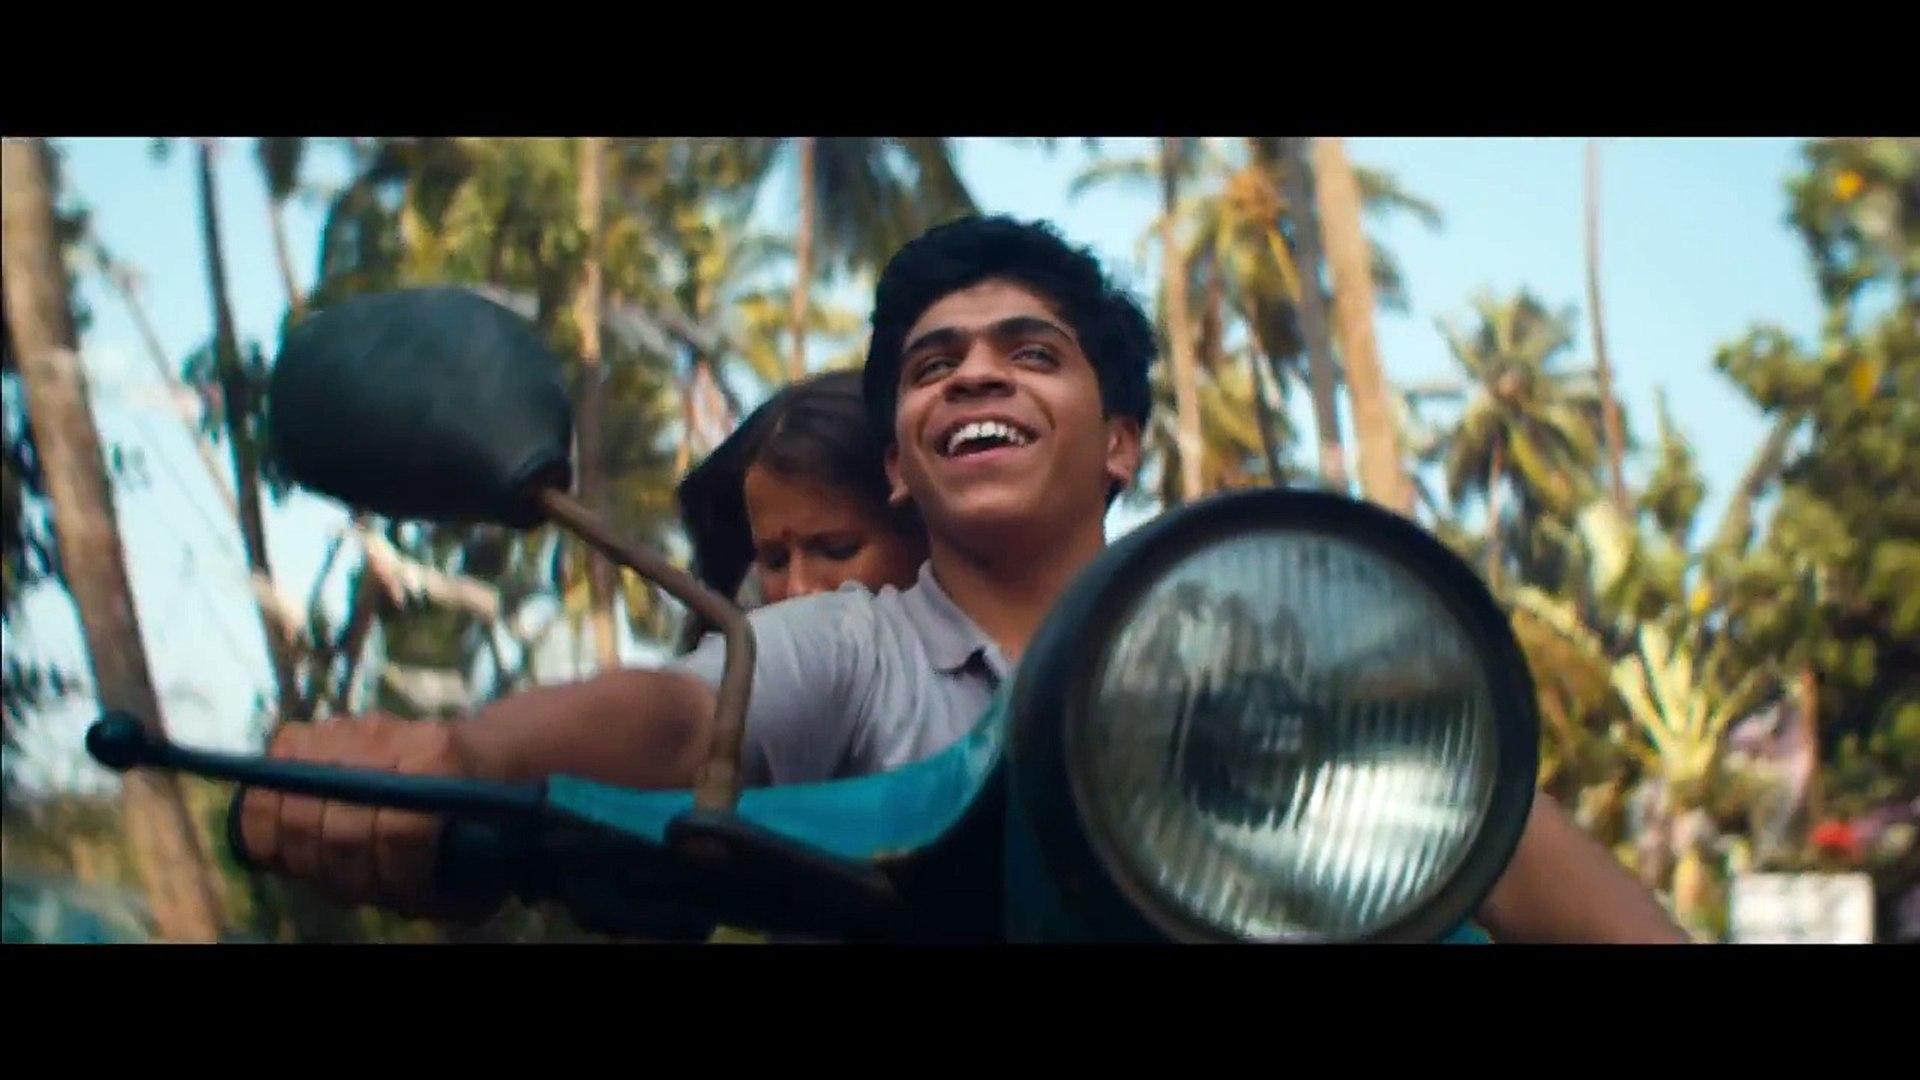 Родина - Трейлер 2015 (HD) (в кинотеатрах с 15 октября)